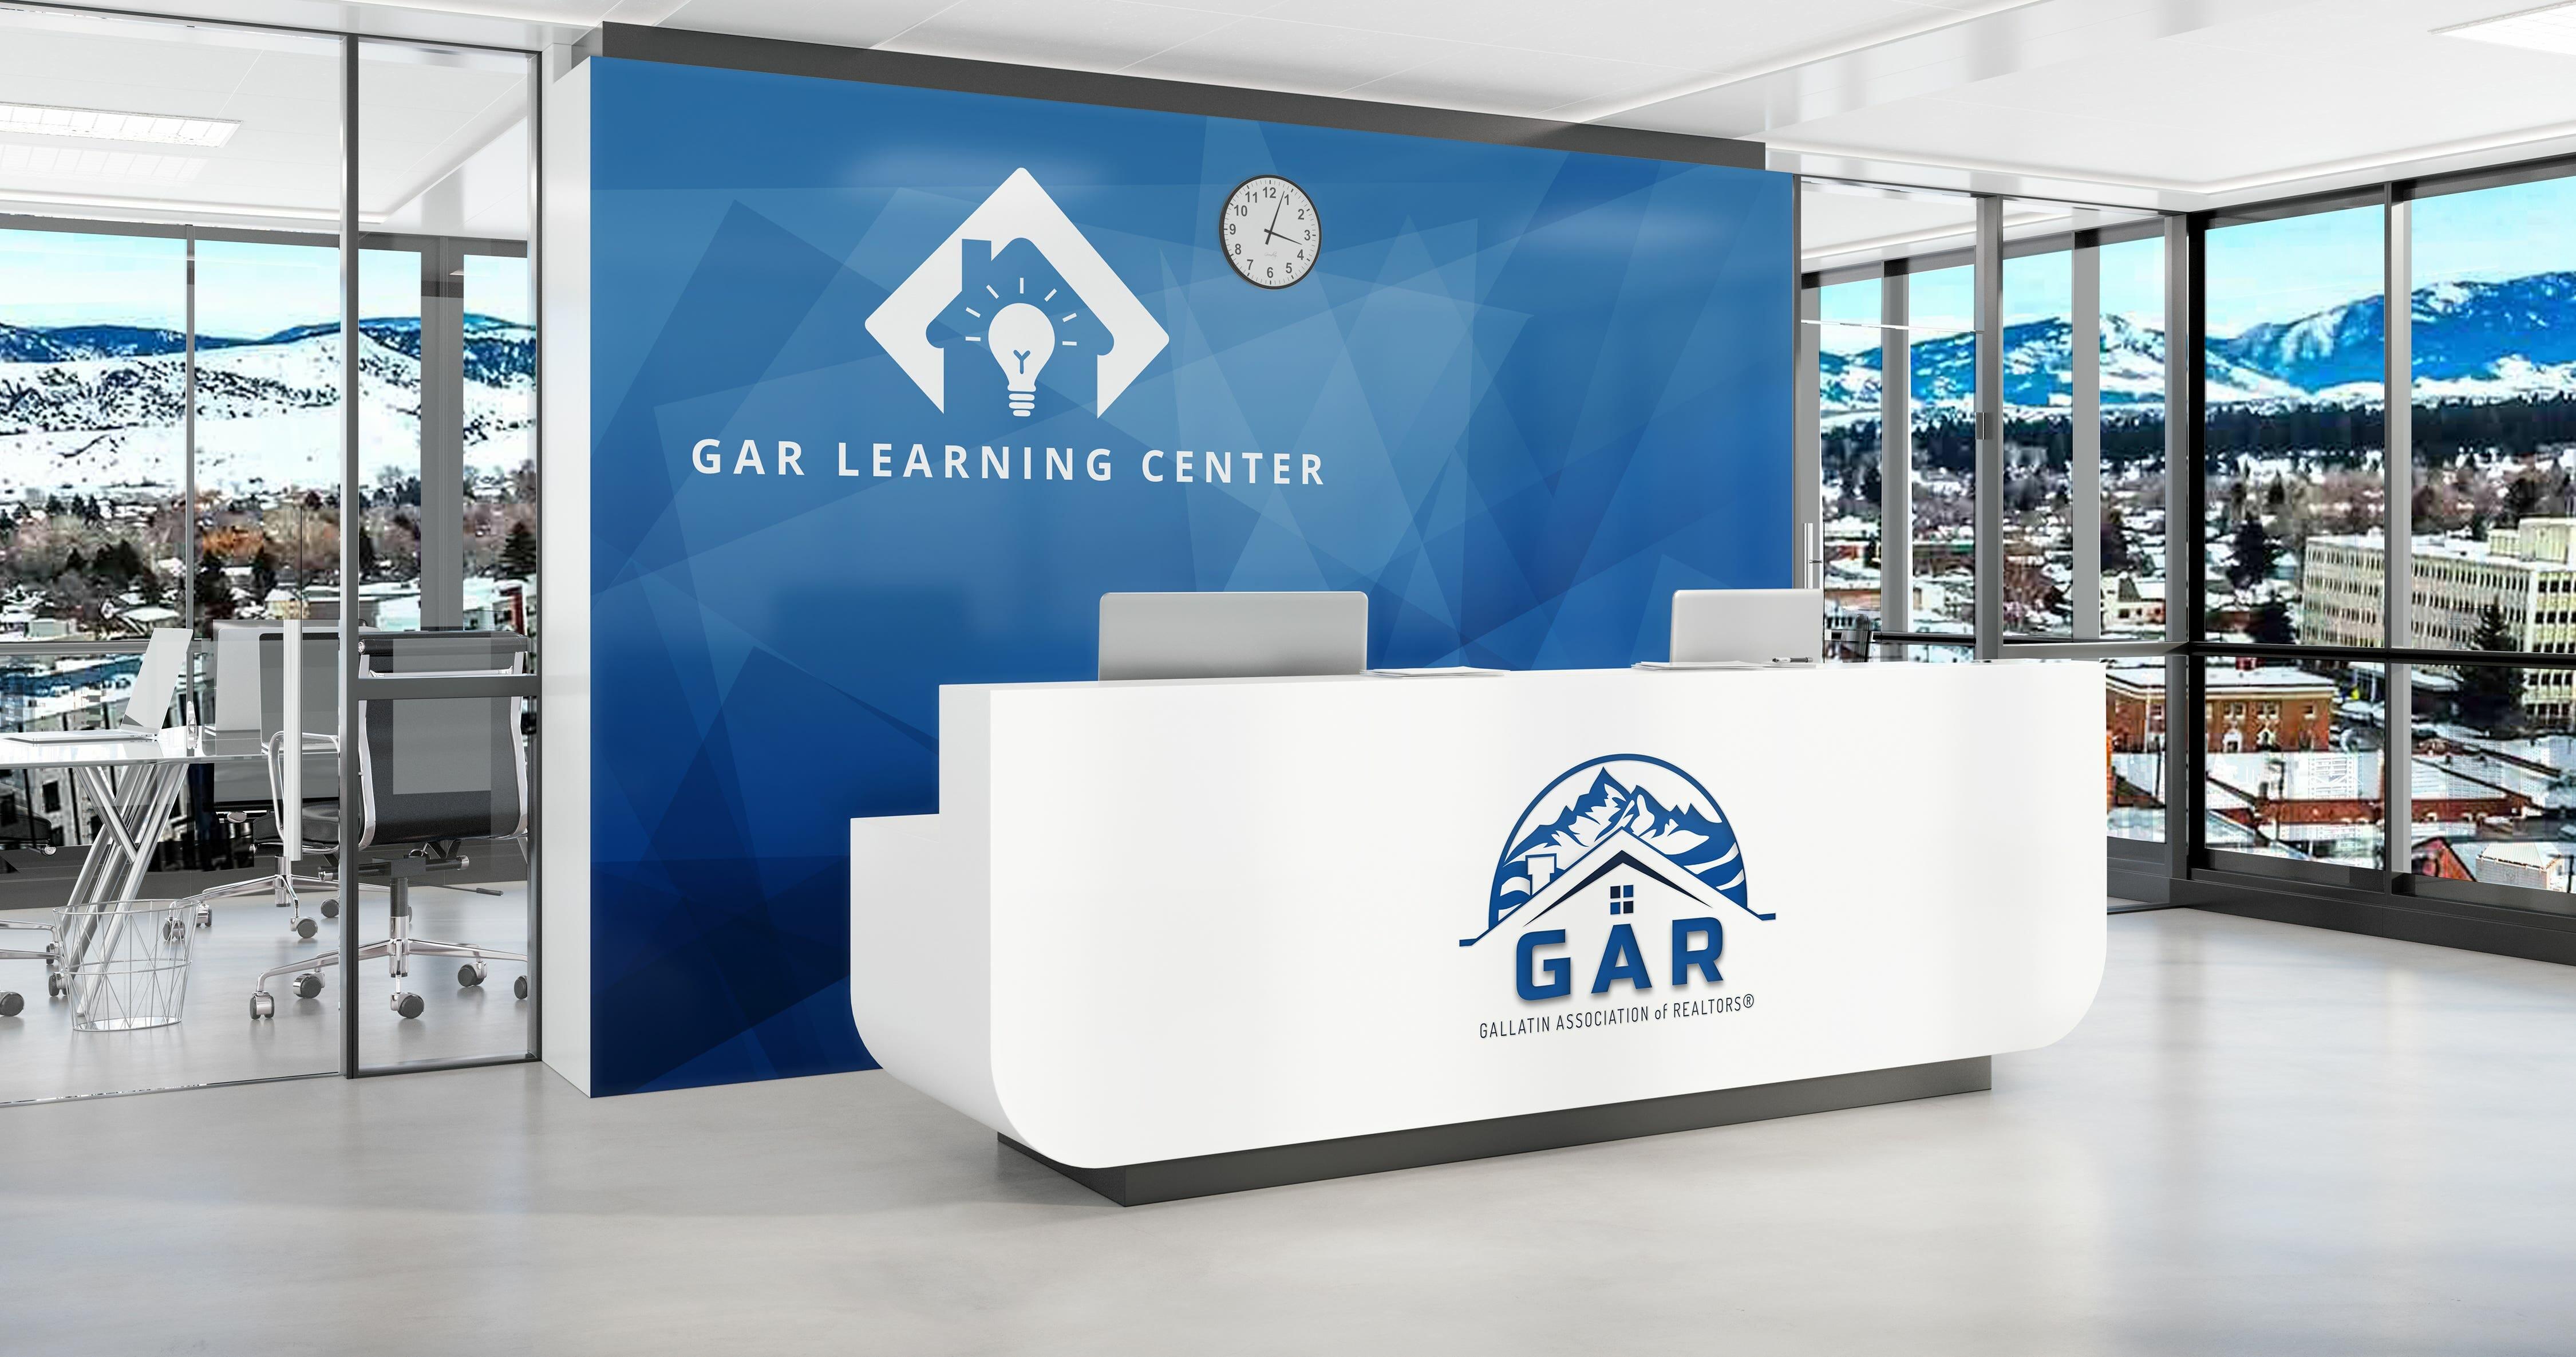 GAR Learning Center Help desk